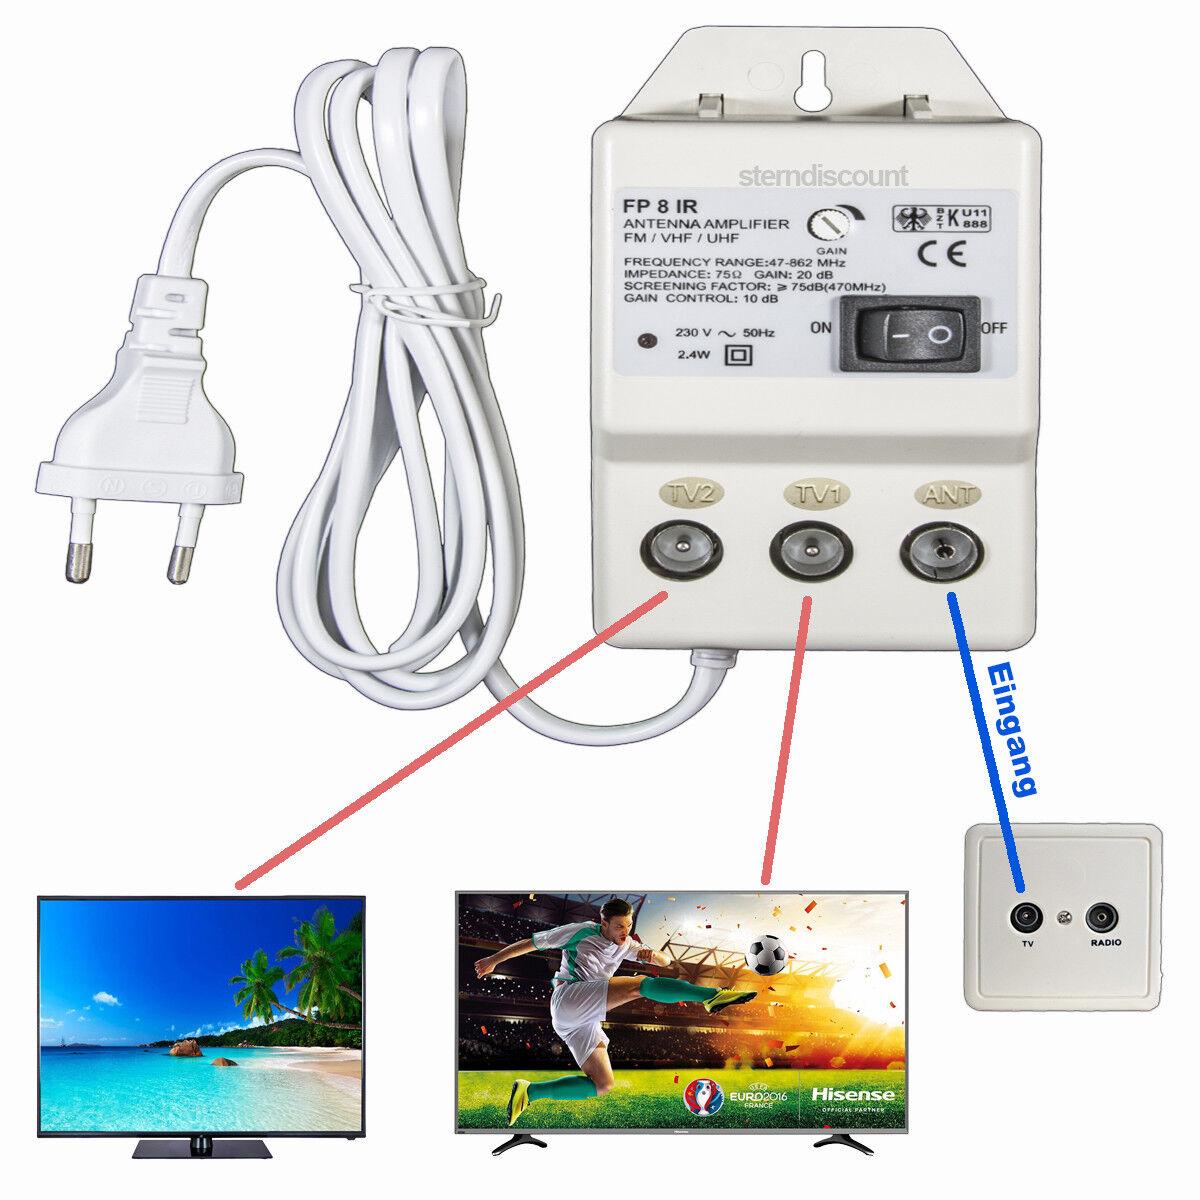 TV Antennenverstärker | 2 Geräte | HDTV 4K | DVB-C /T2 Signal Verstärker 20dB FP